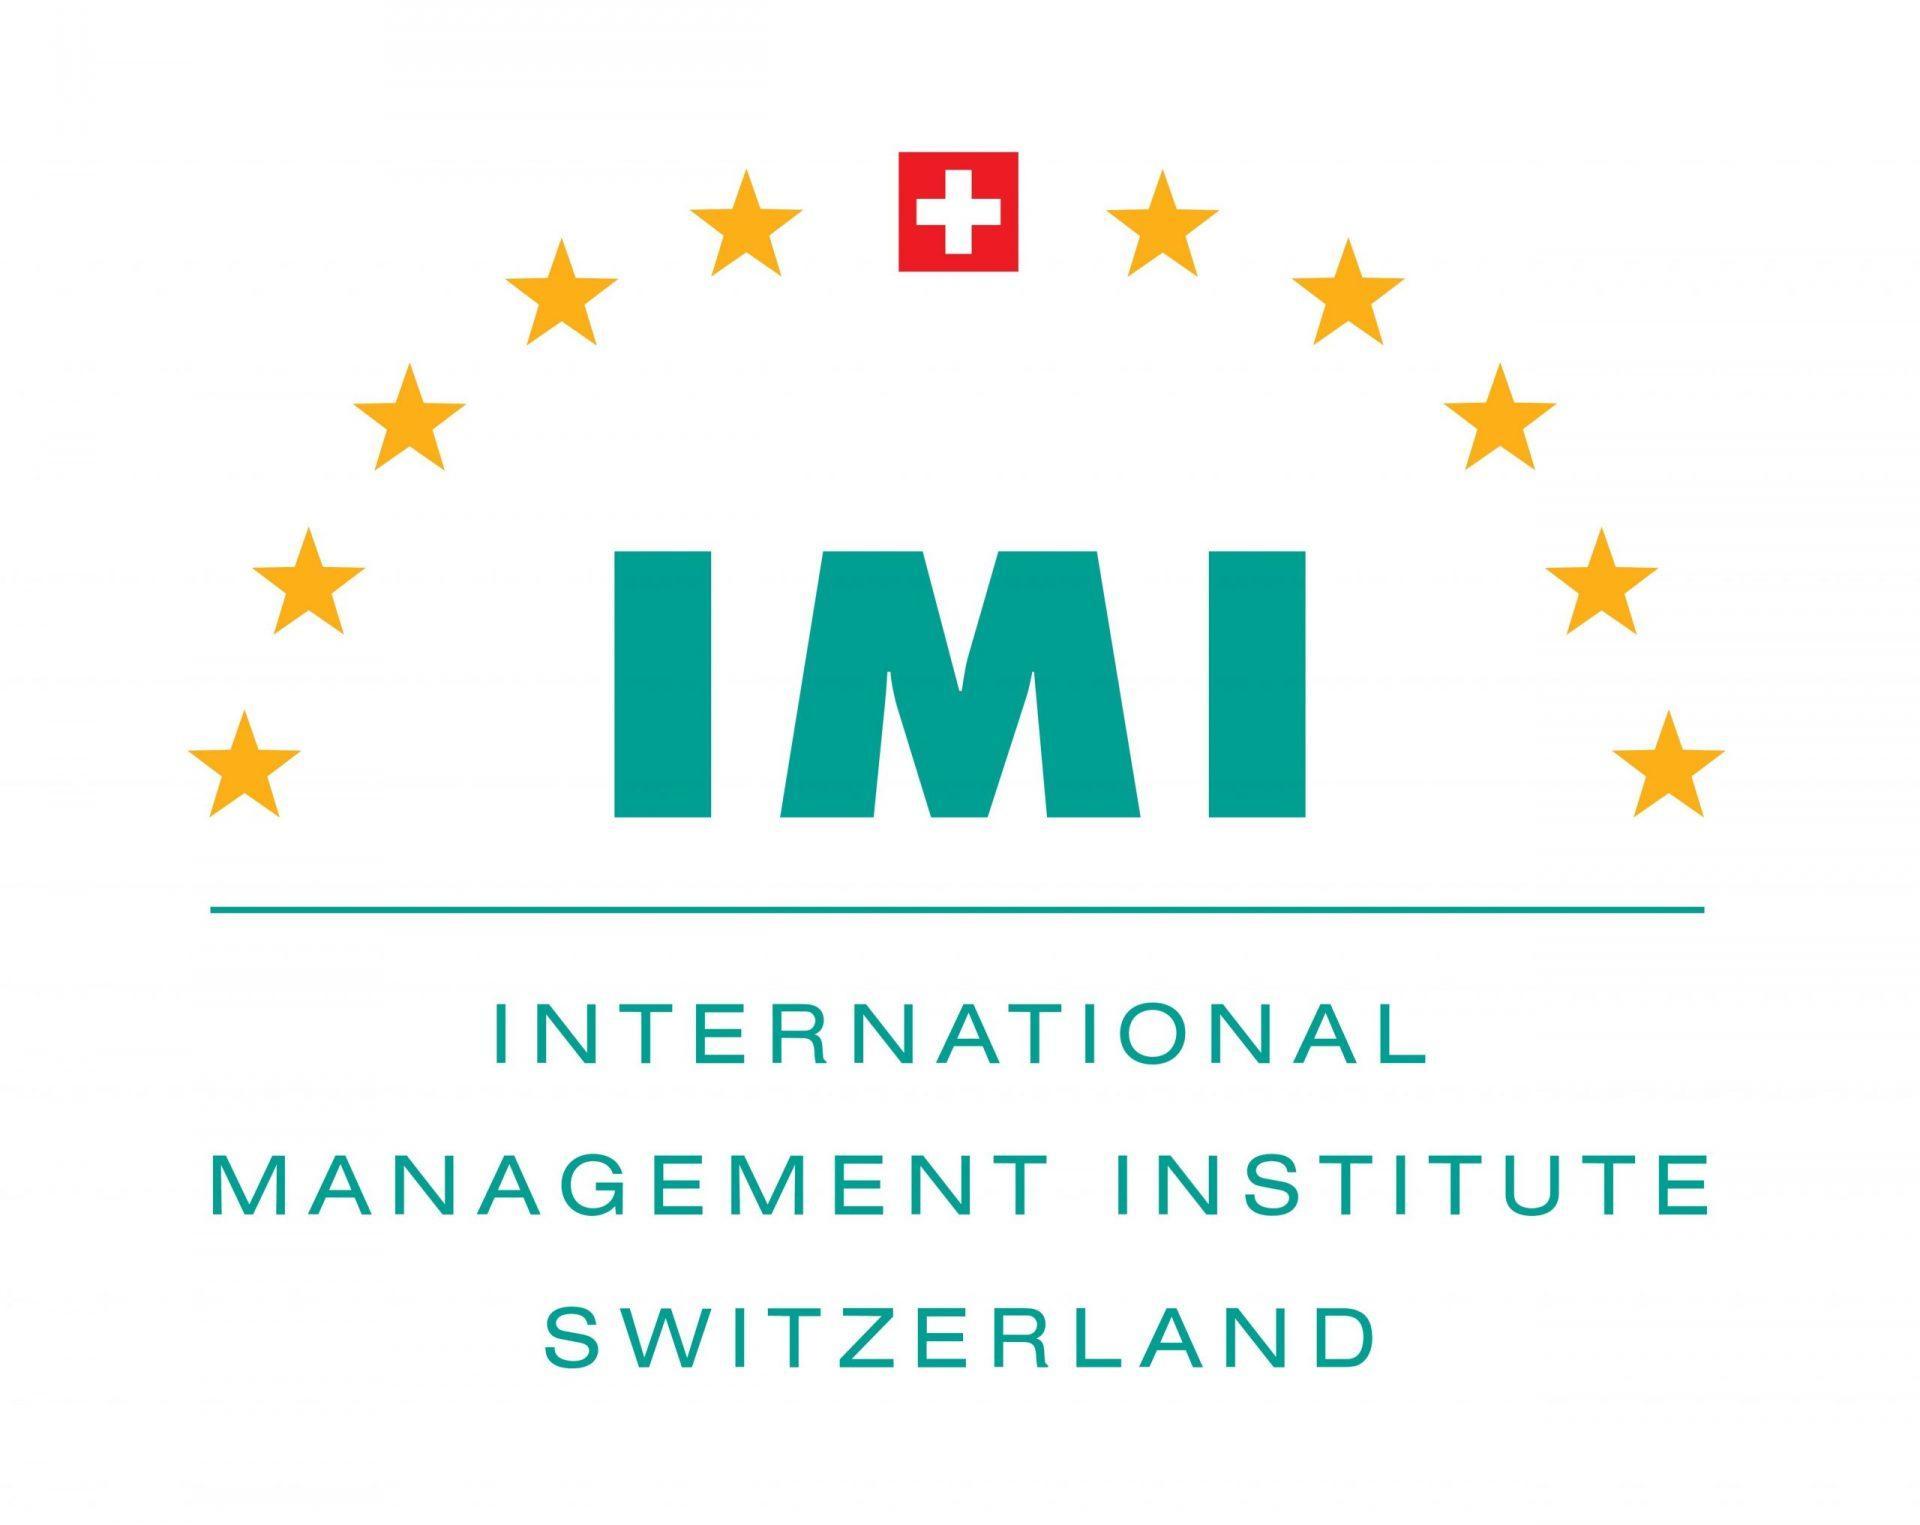 alt - Швейцария, International Management Institute, Бакалавриат,Магистратура,Образование в сфере Hospitality, 15